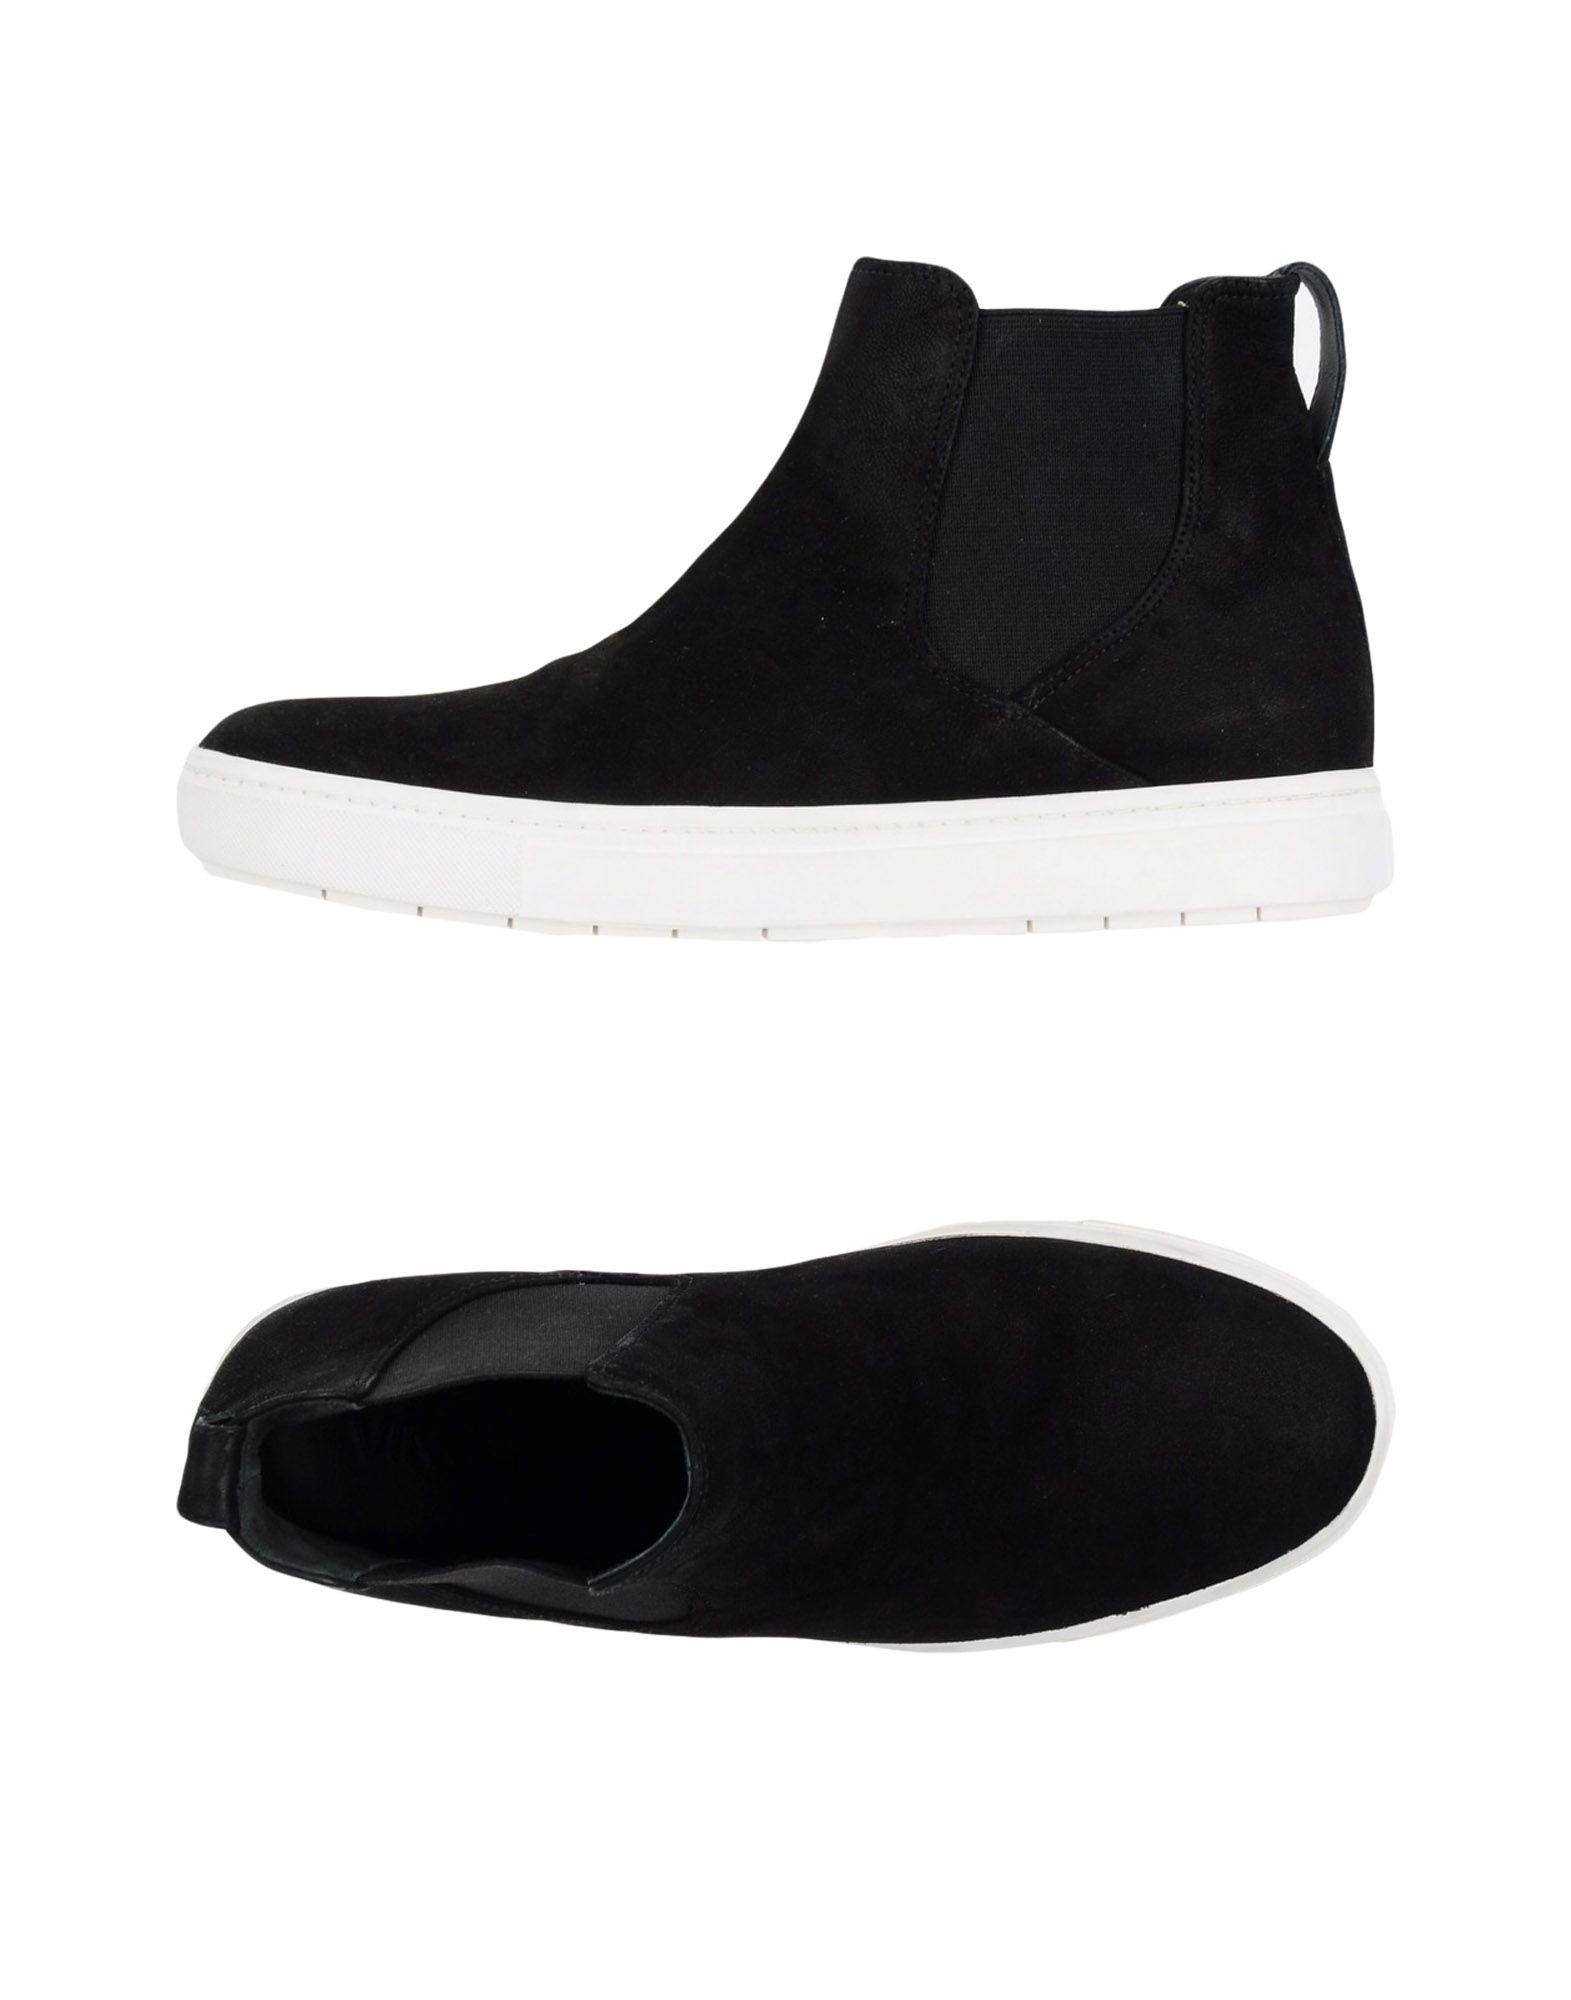 Vince. Sneakers Damen  11249634RF Gute Qualität beliebte Schuhe